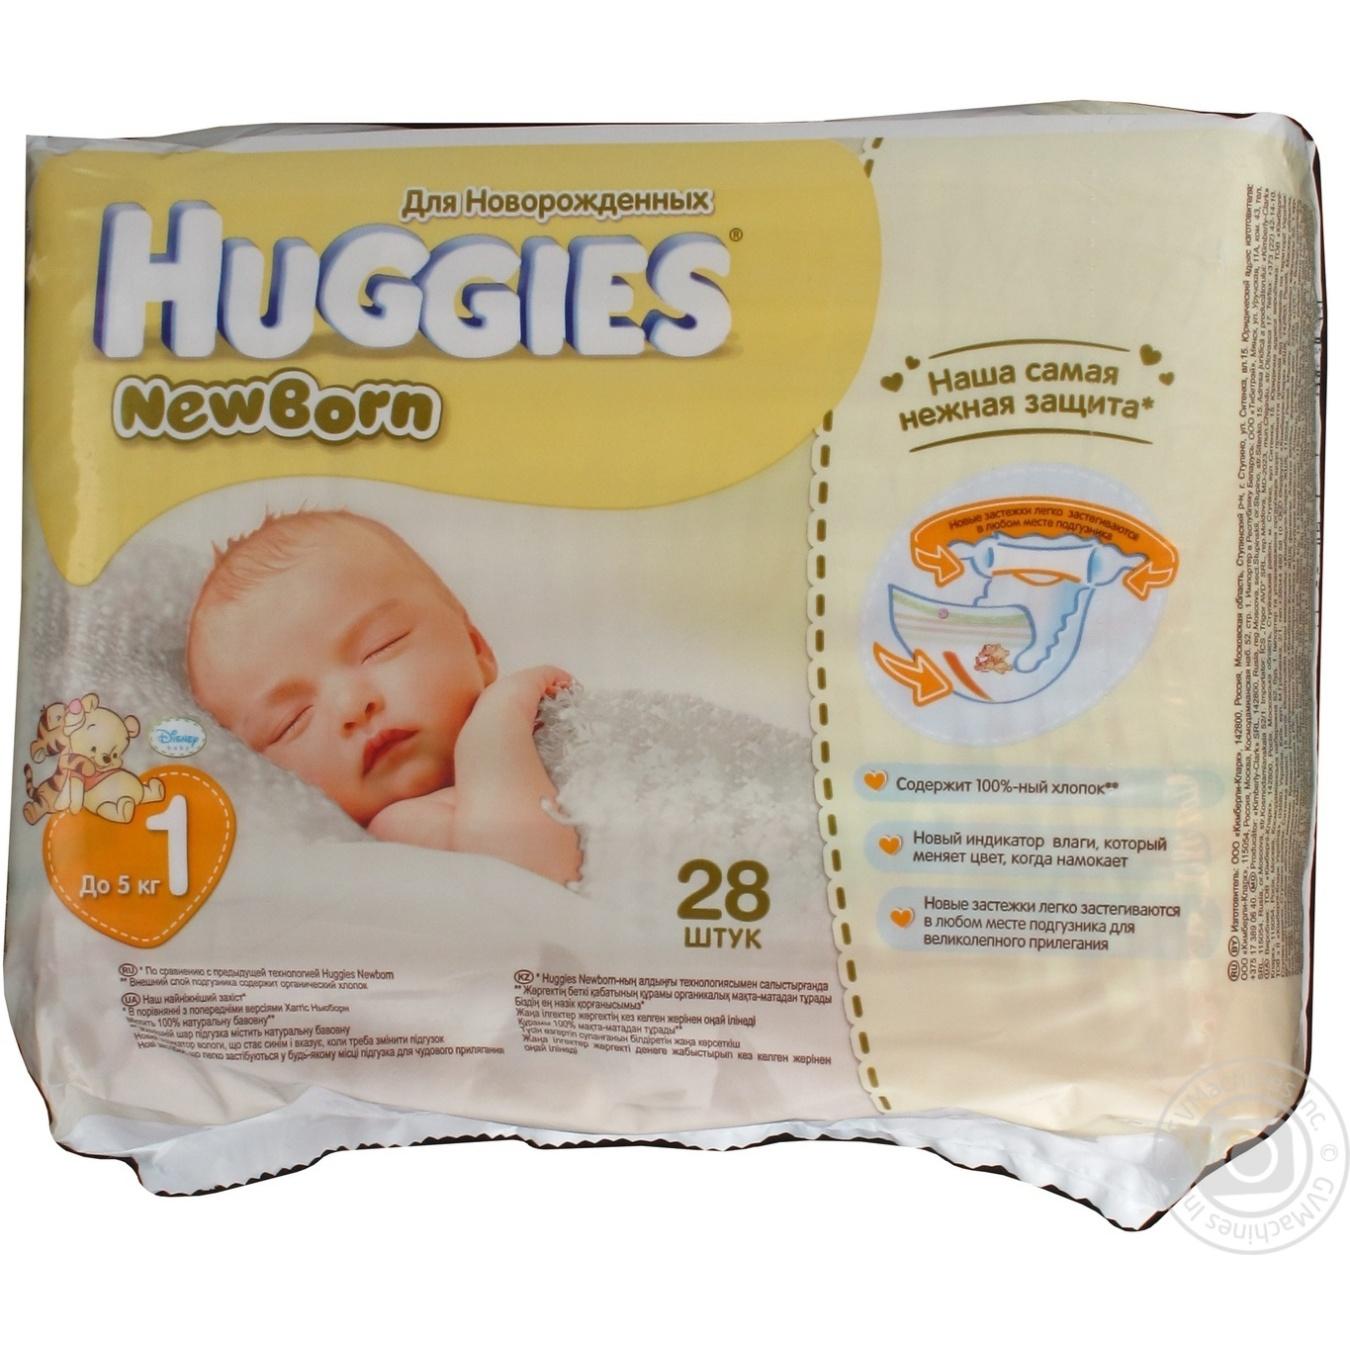 Diaper Huggies New Born For Girls 2 5kg 28pcs 840g Czech Republic